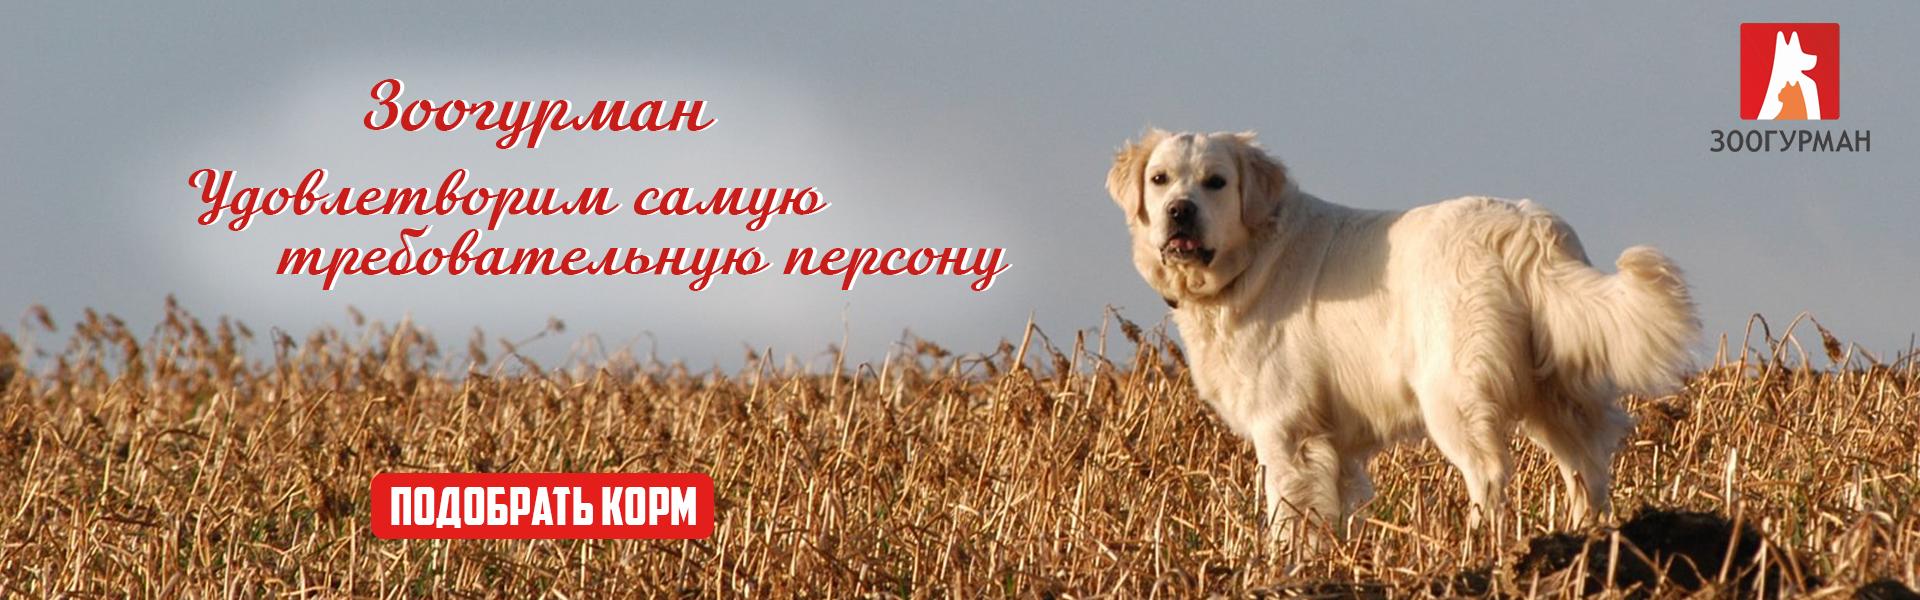 Слайд Зоогурман для собак